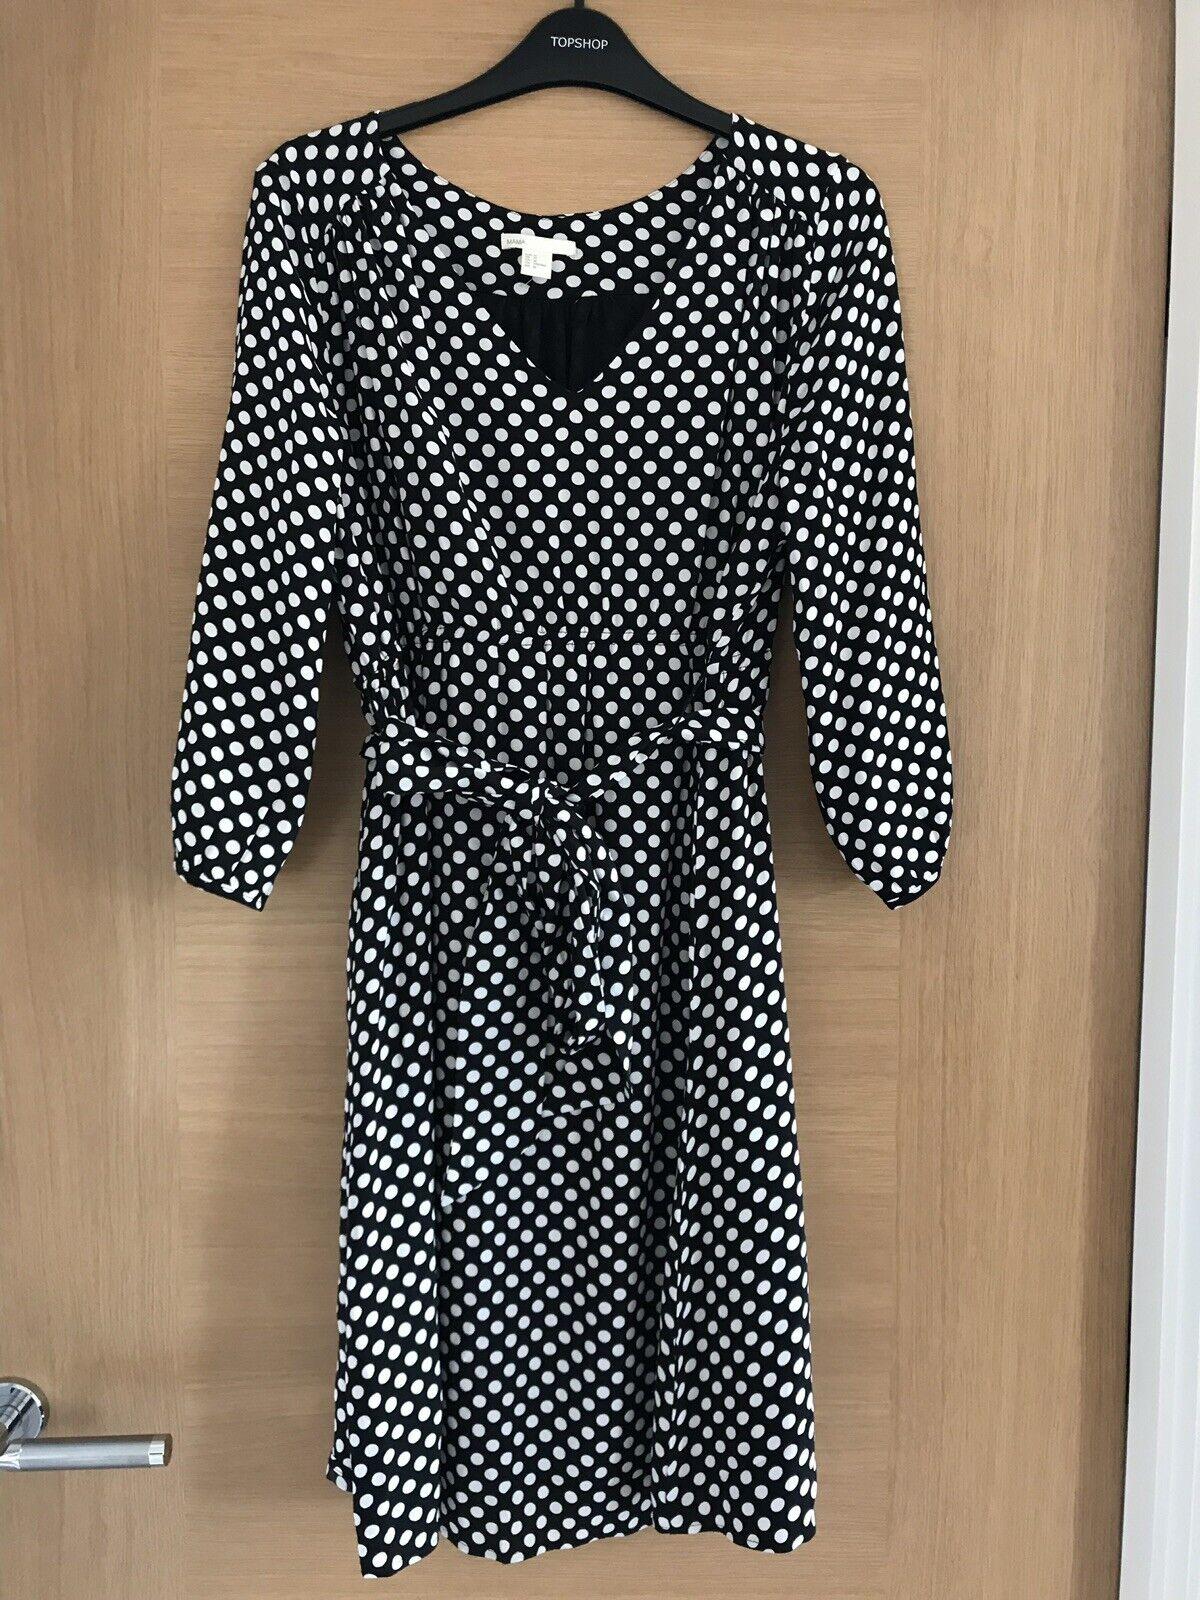 bc386448b98b5 H&M Mama Maternity Dress Polka Dot Size Medium | eBay